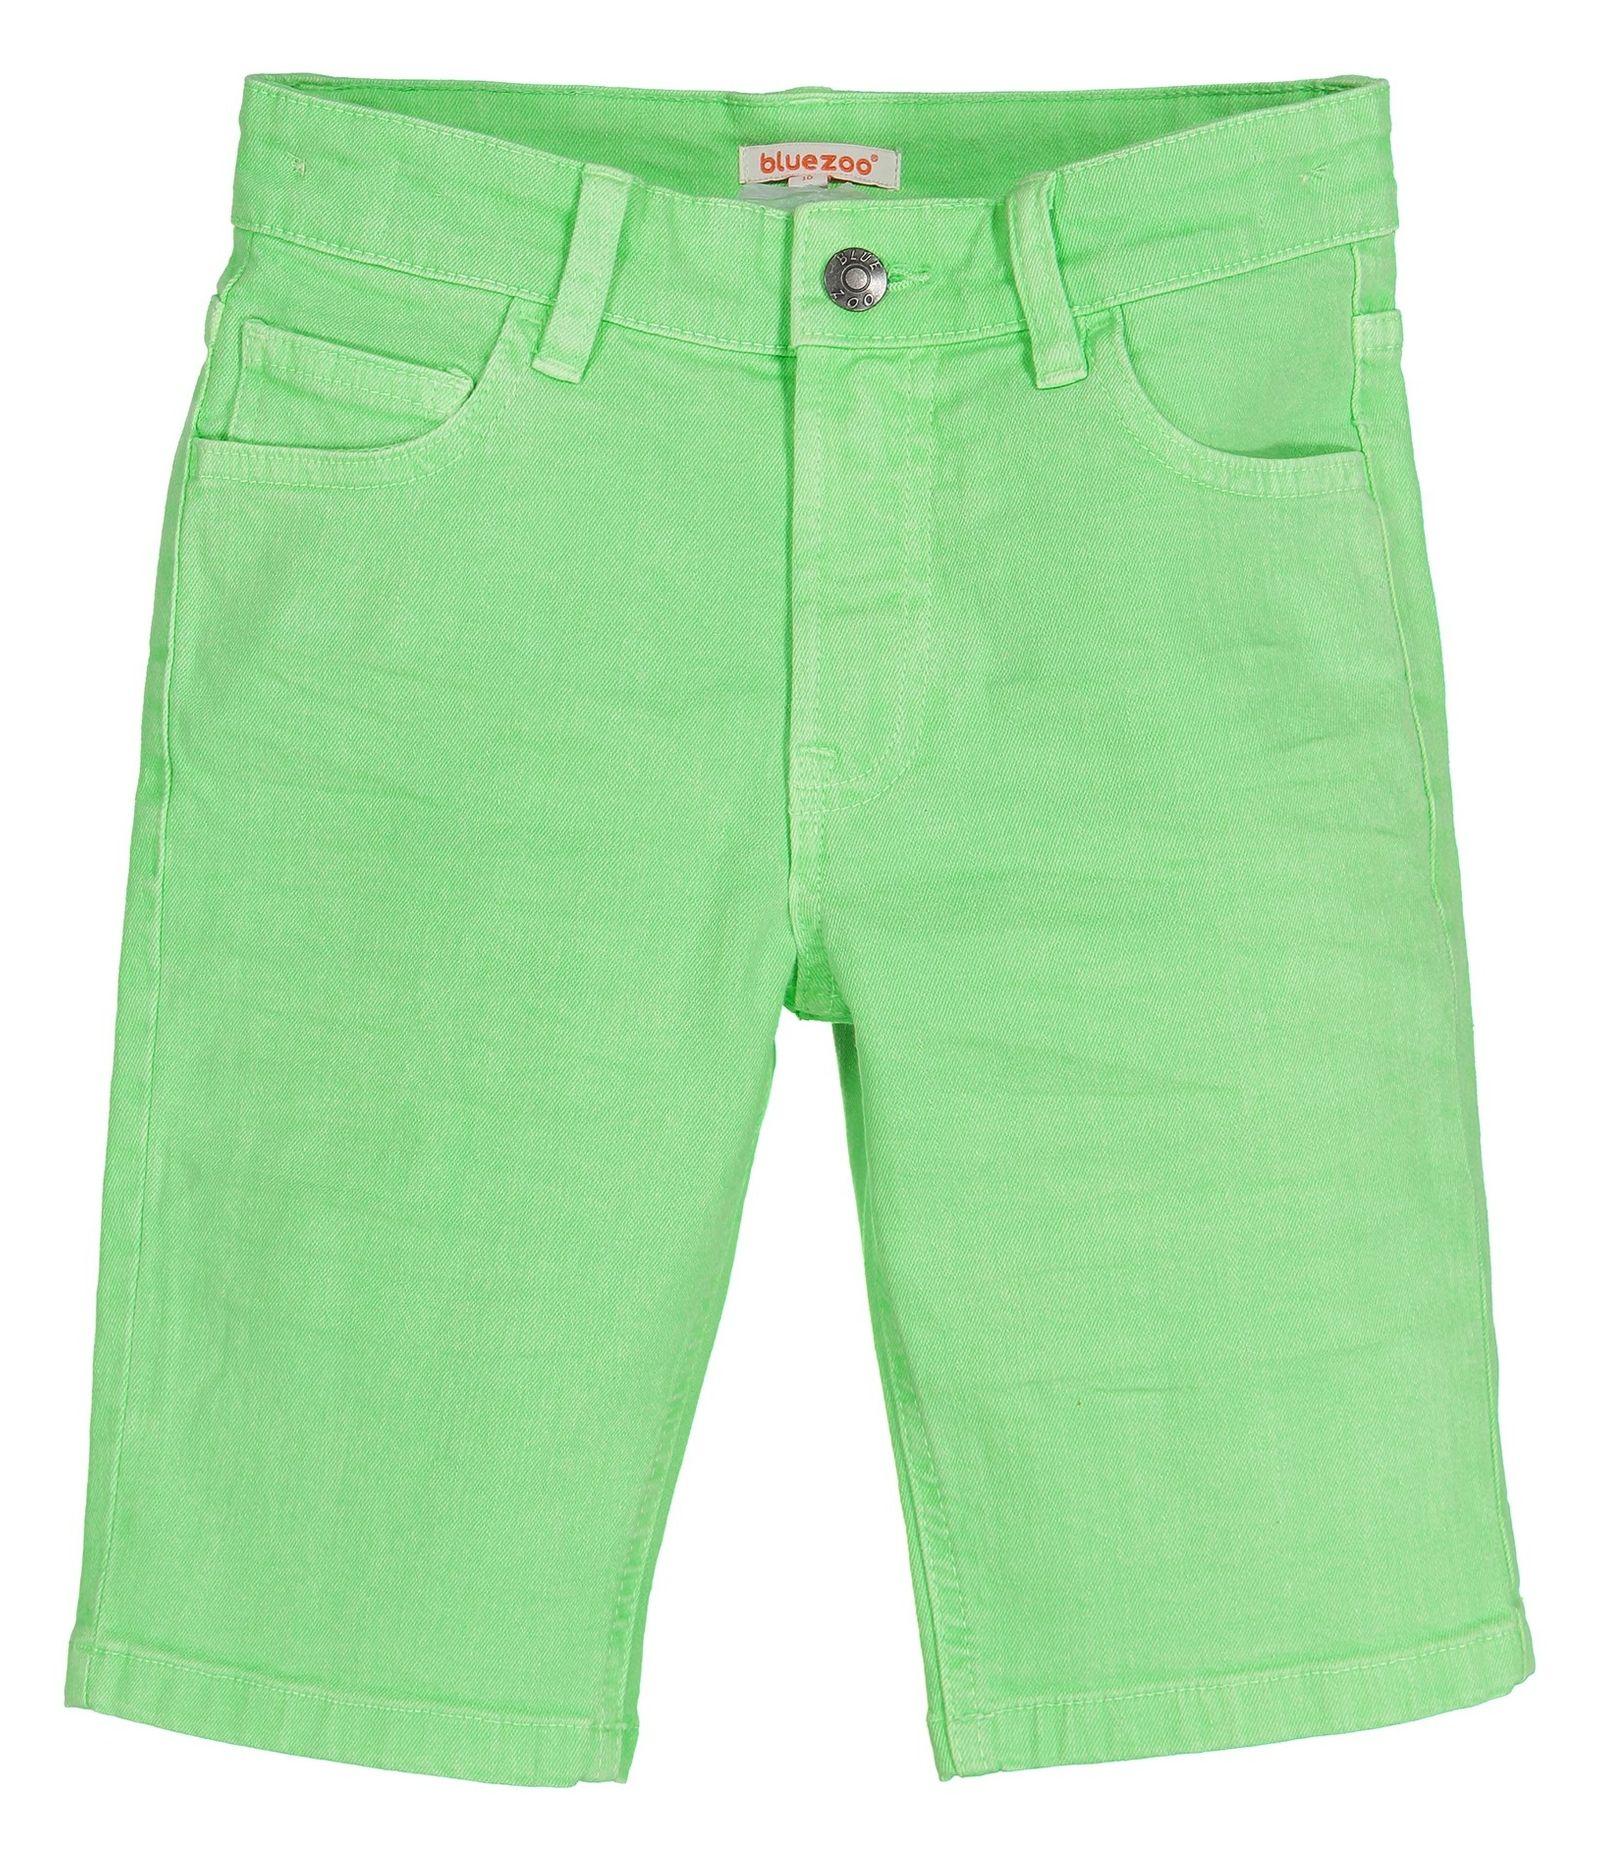 شلوارک جین راسته پسرانه - بلوزو - سبز روشن - 1